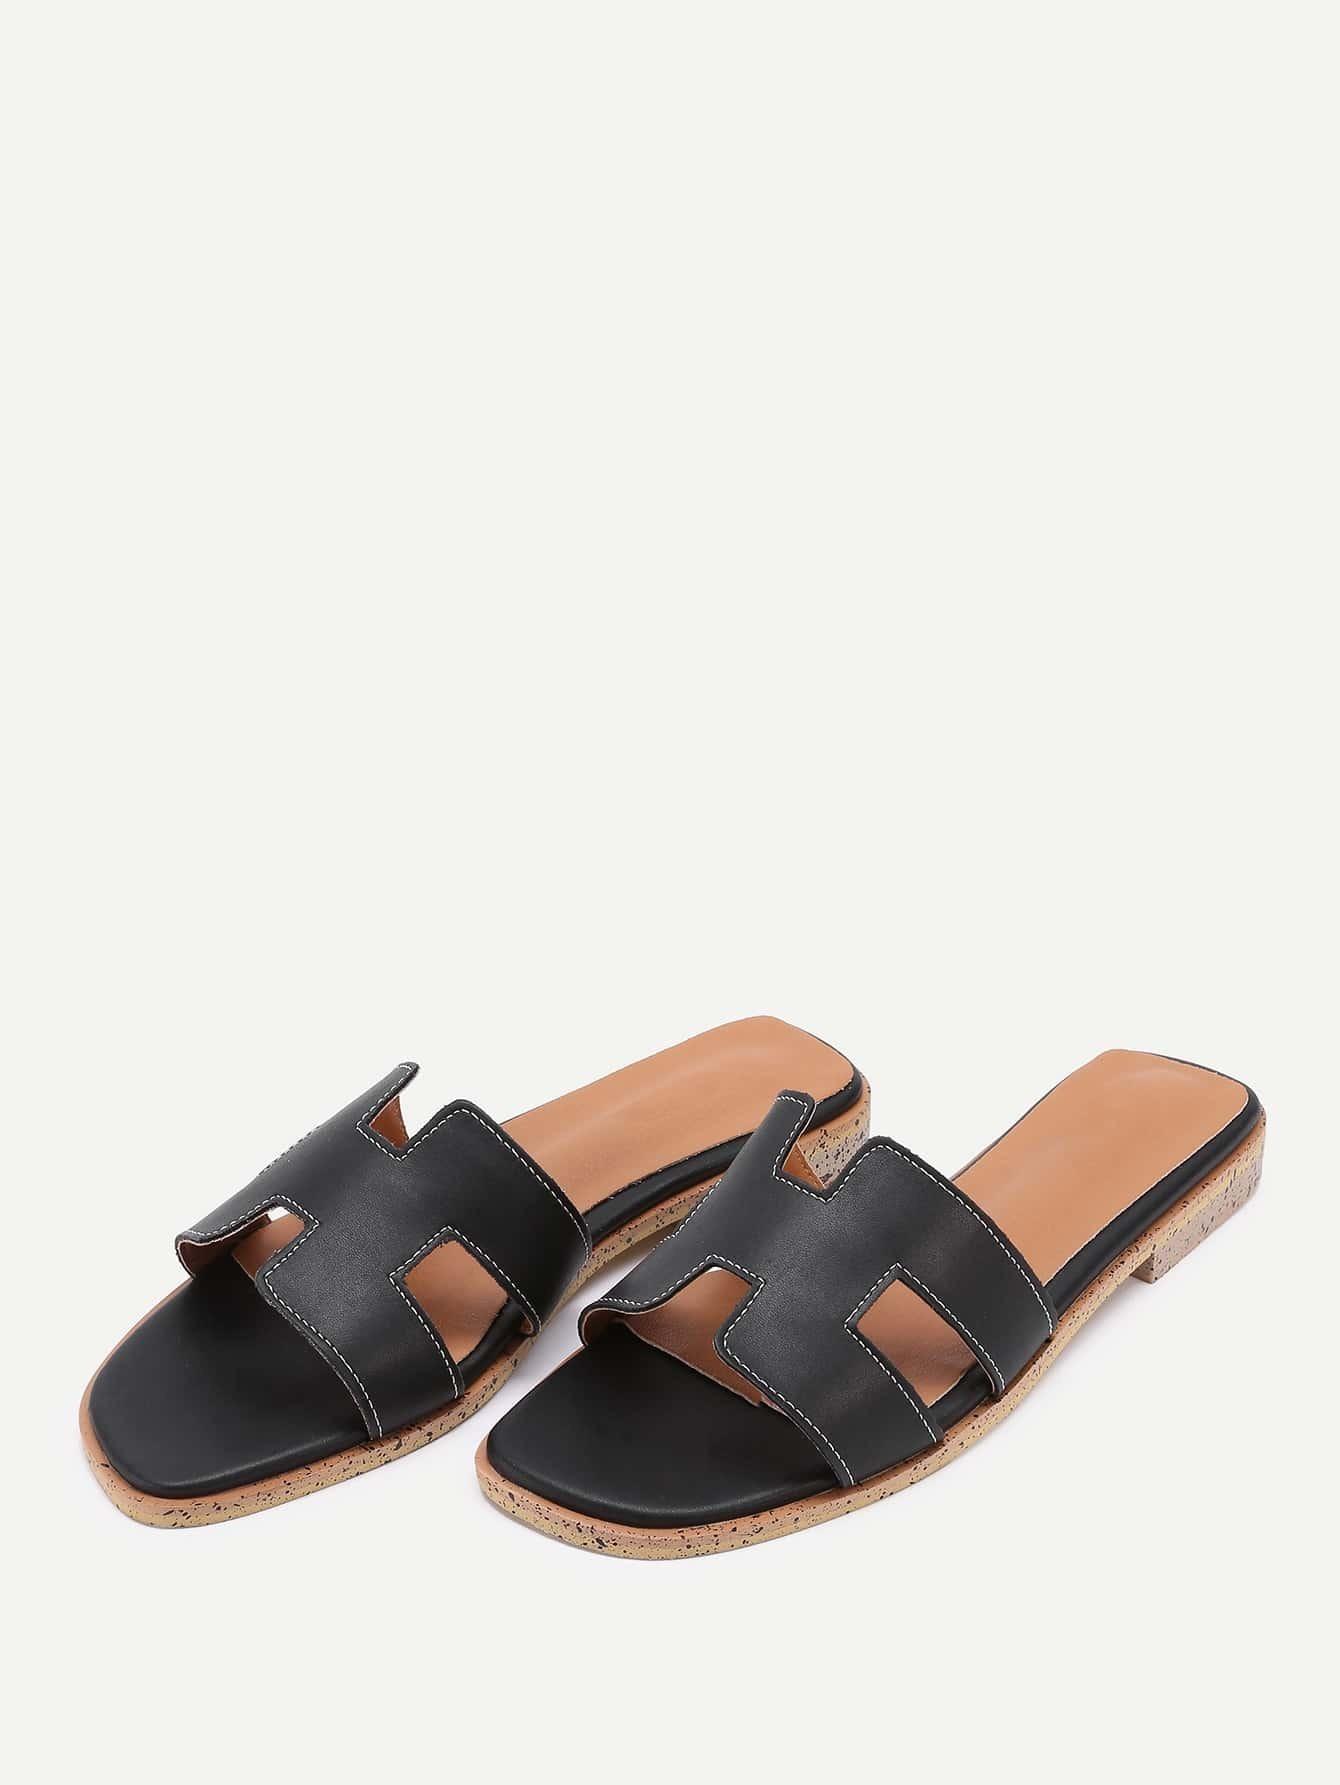 shoes170512809_2